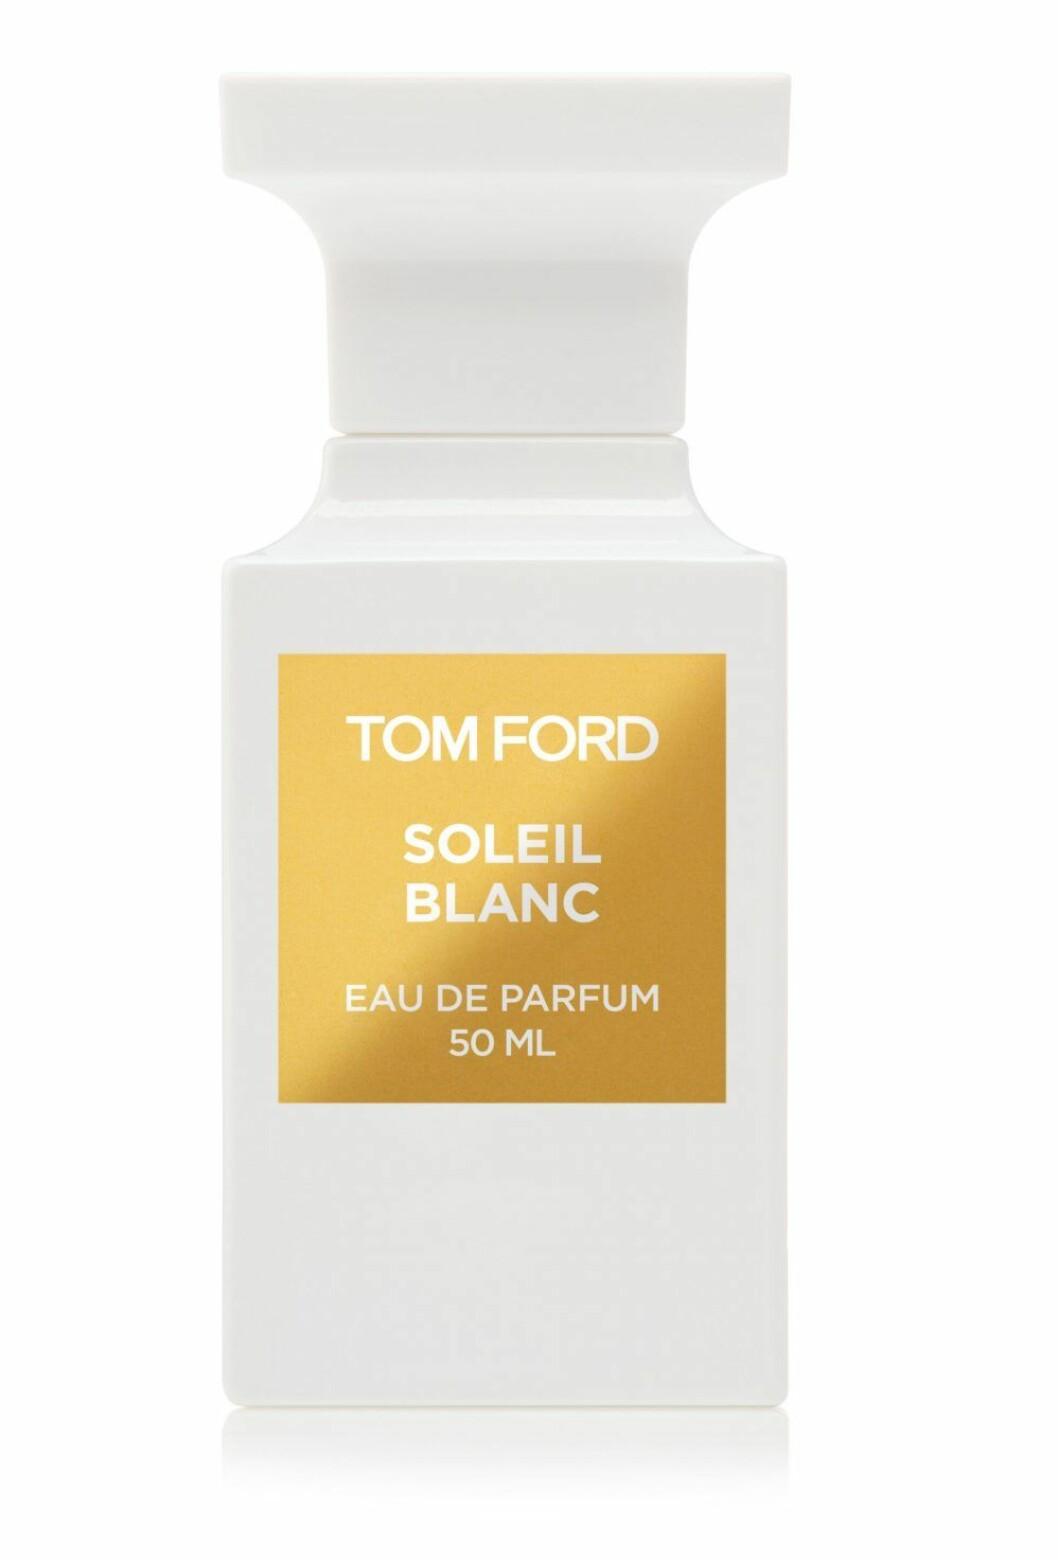 Soleil blanc, Tom Ford.